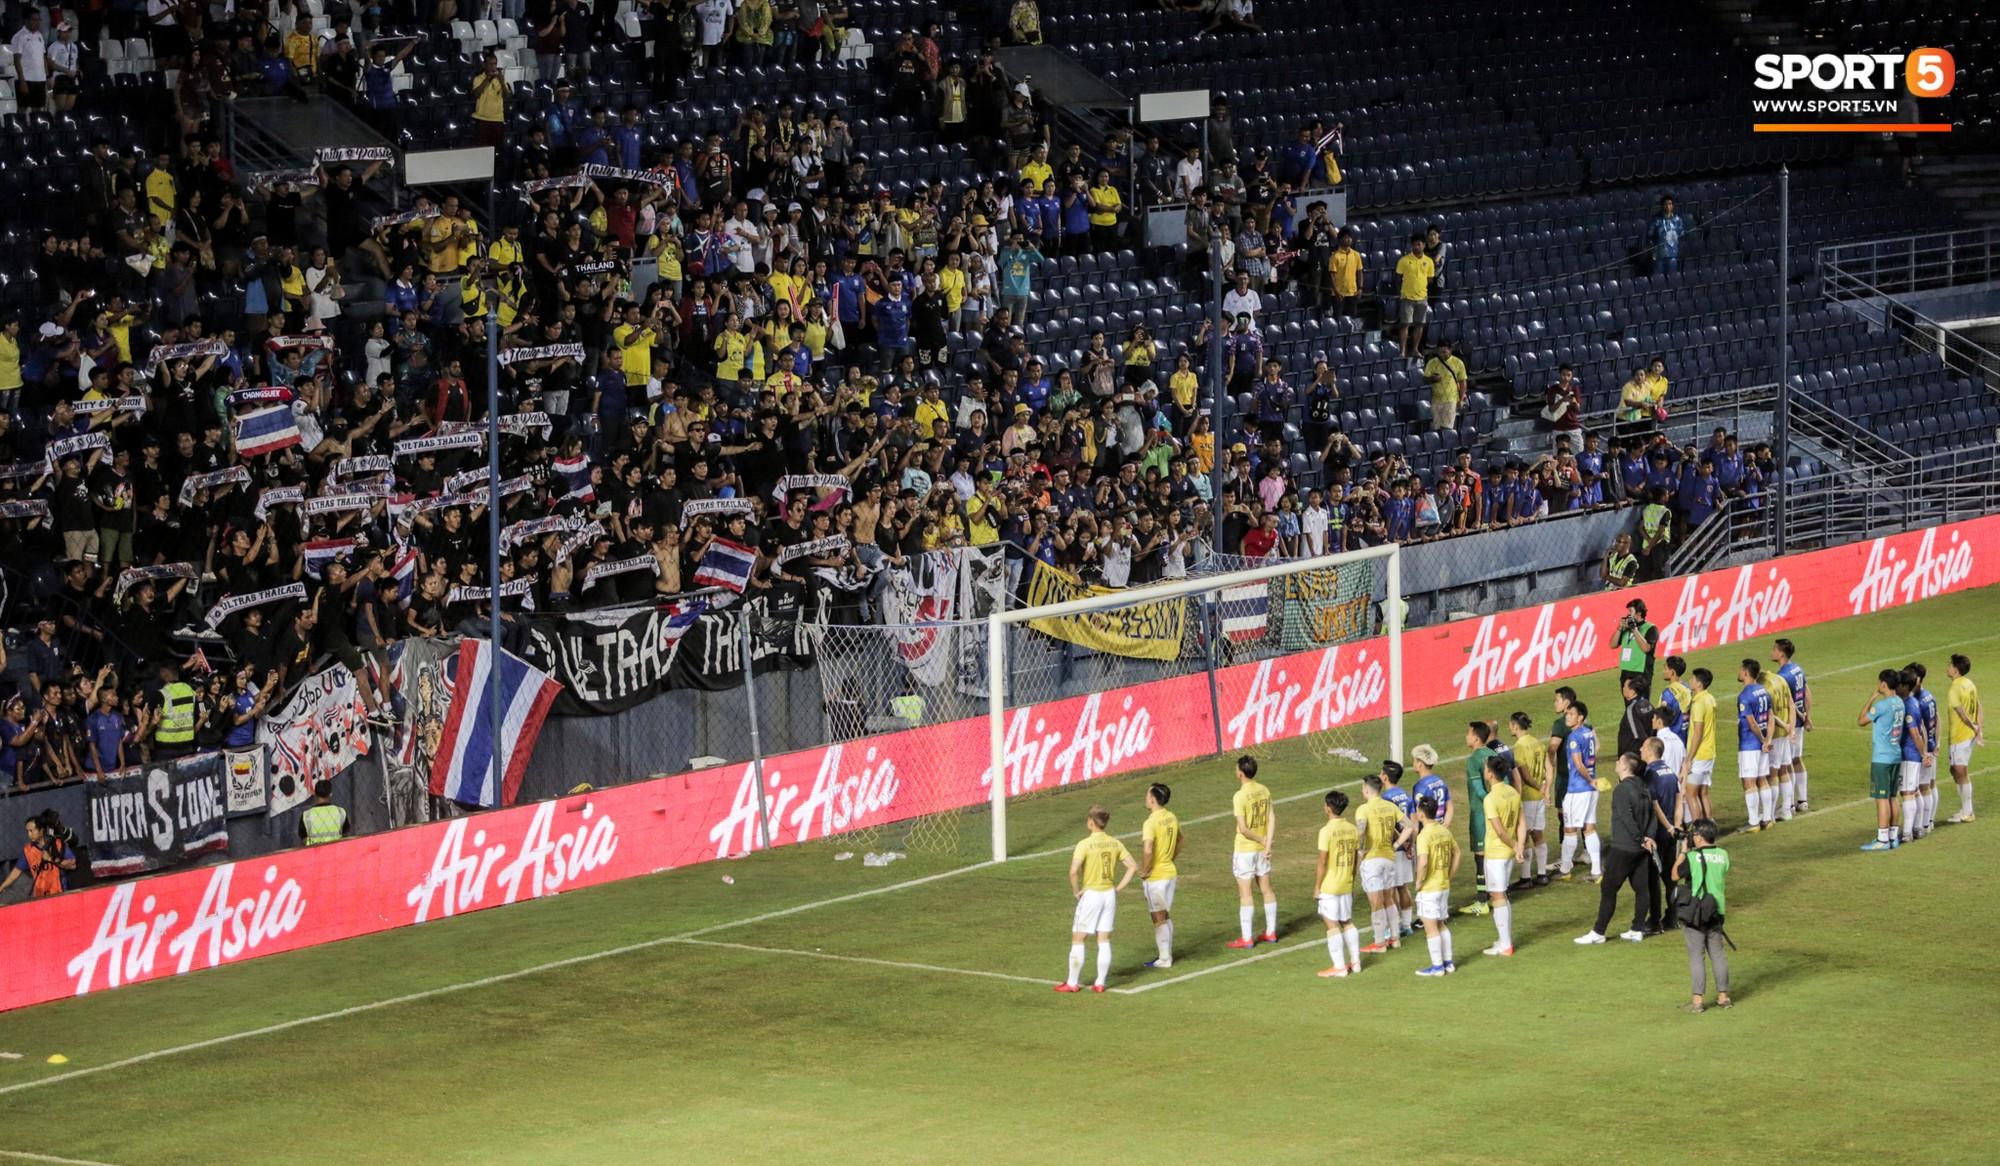 Hài hước: Tiền vệ tuyển Việt Nam bị trọng tài xin lại bụng bầu sau màn ăn mừng kinh điển - Ảnh 14.